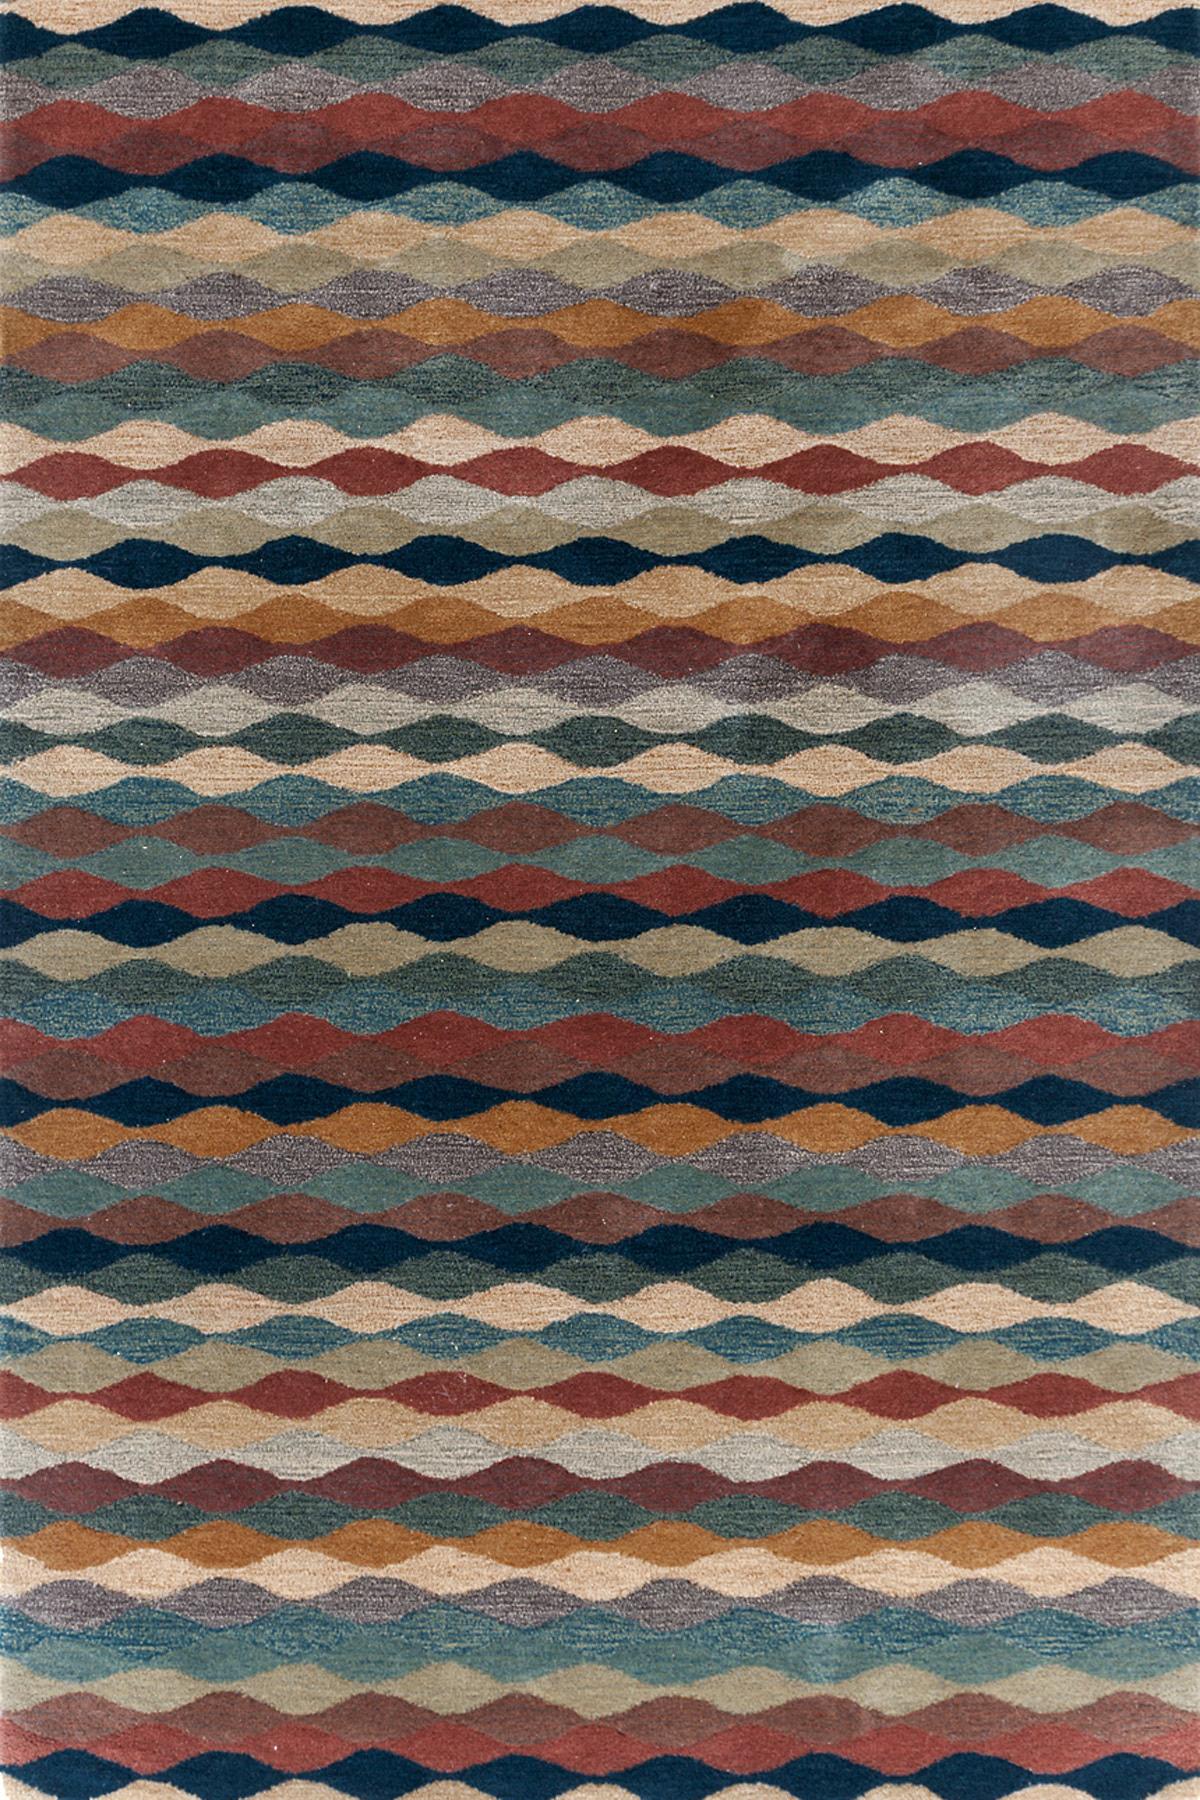 Ripple Cinnamon Wool Tufted Rug